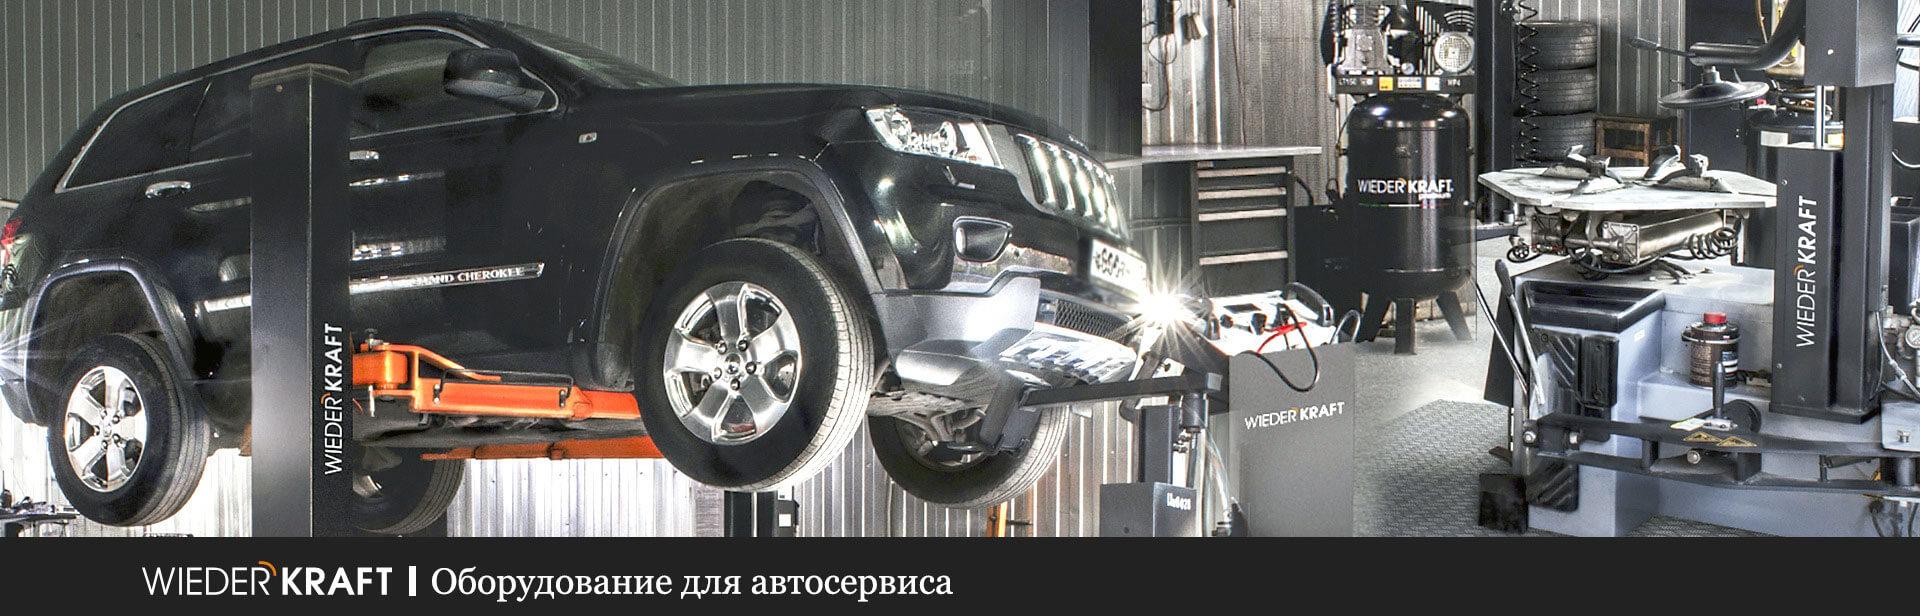 Оборудование для автосервиса производства WiederKraft